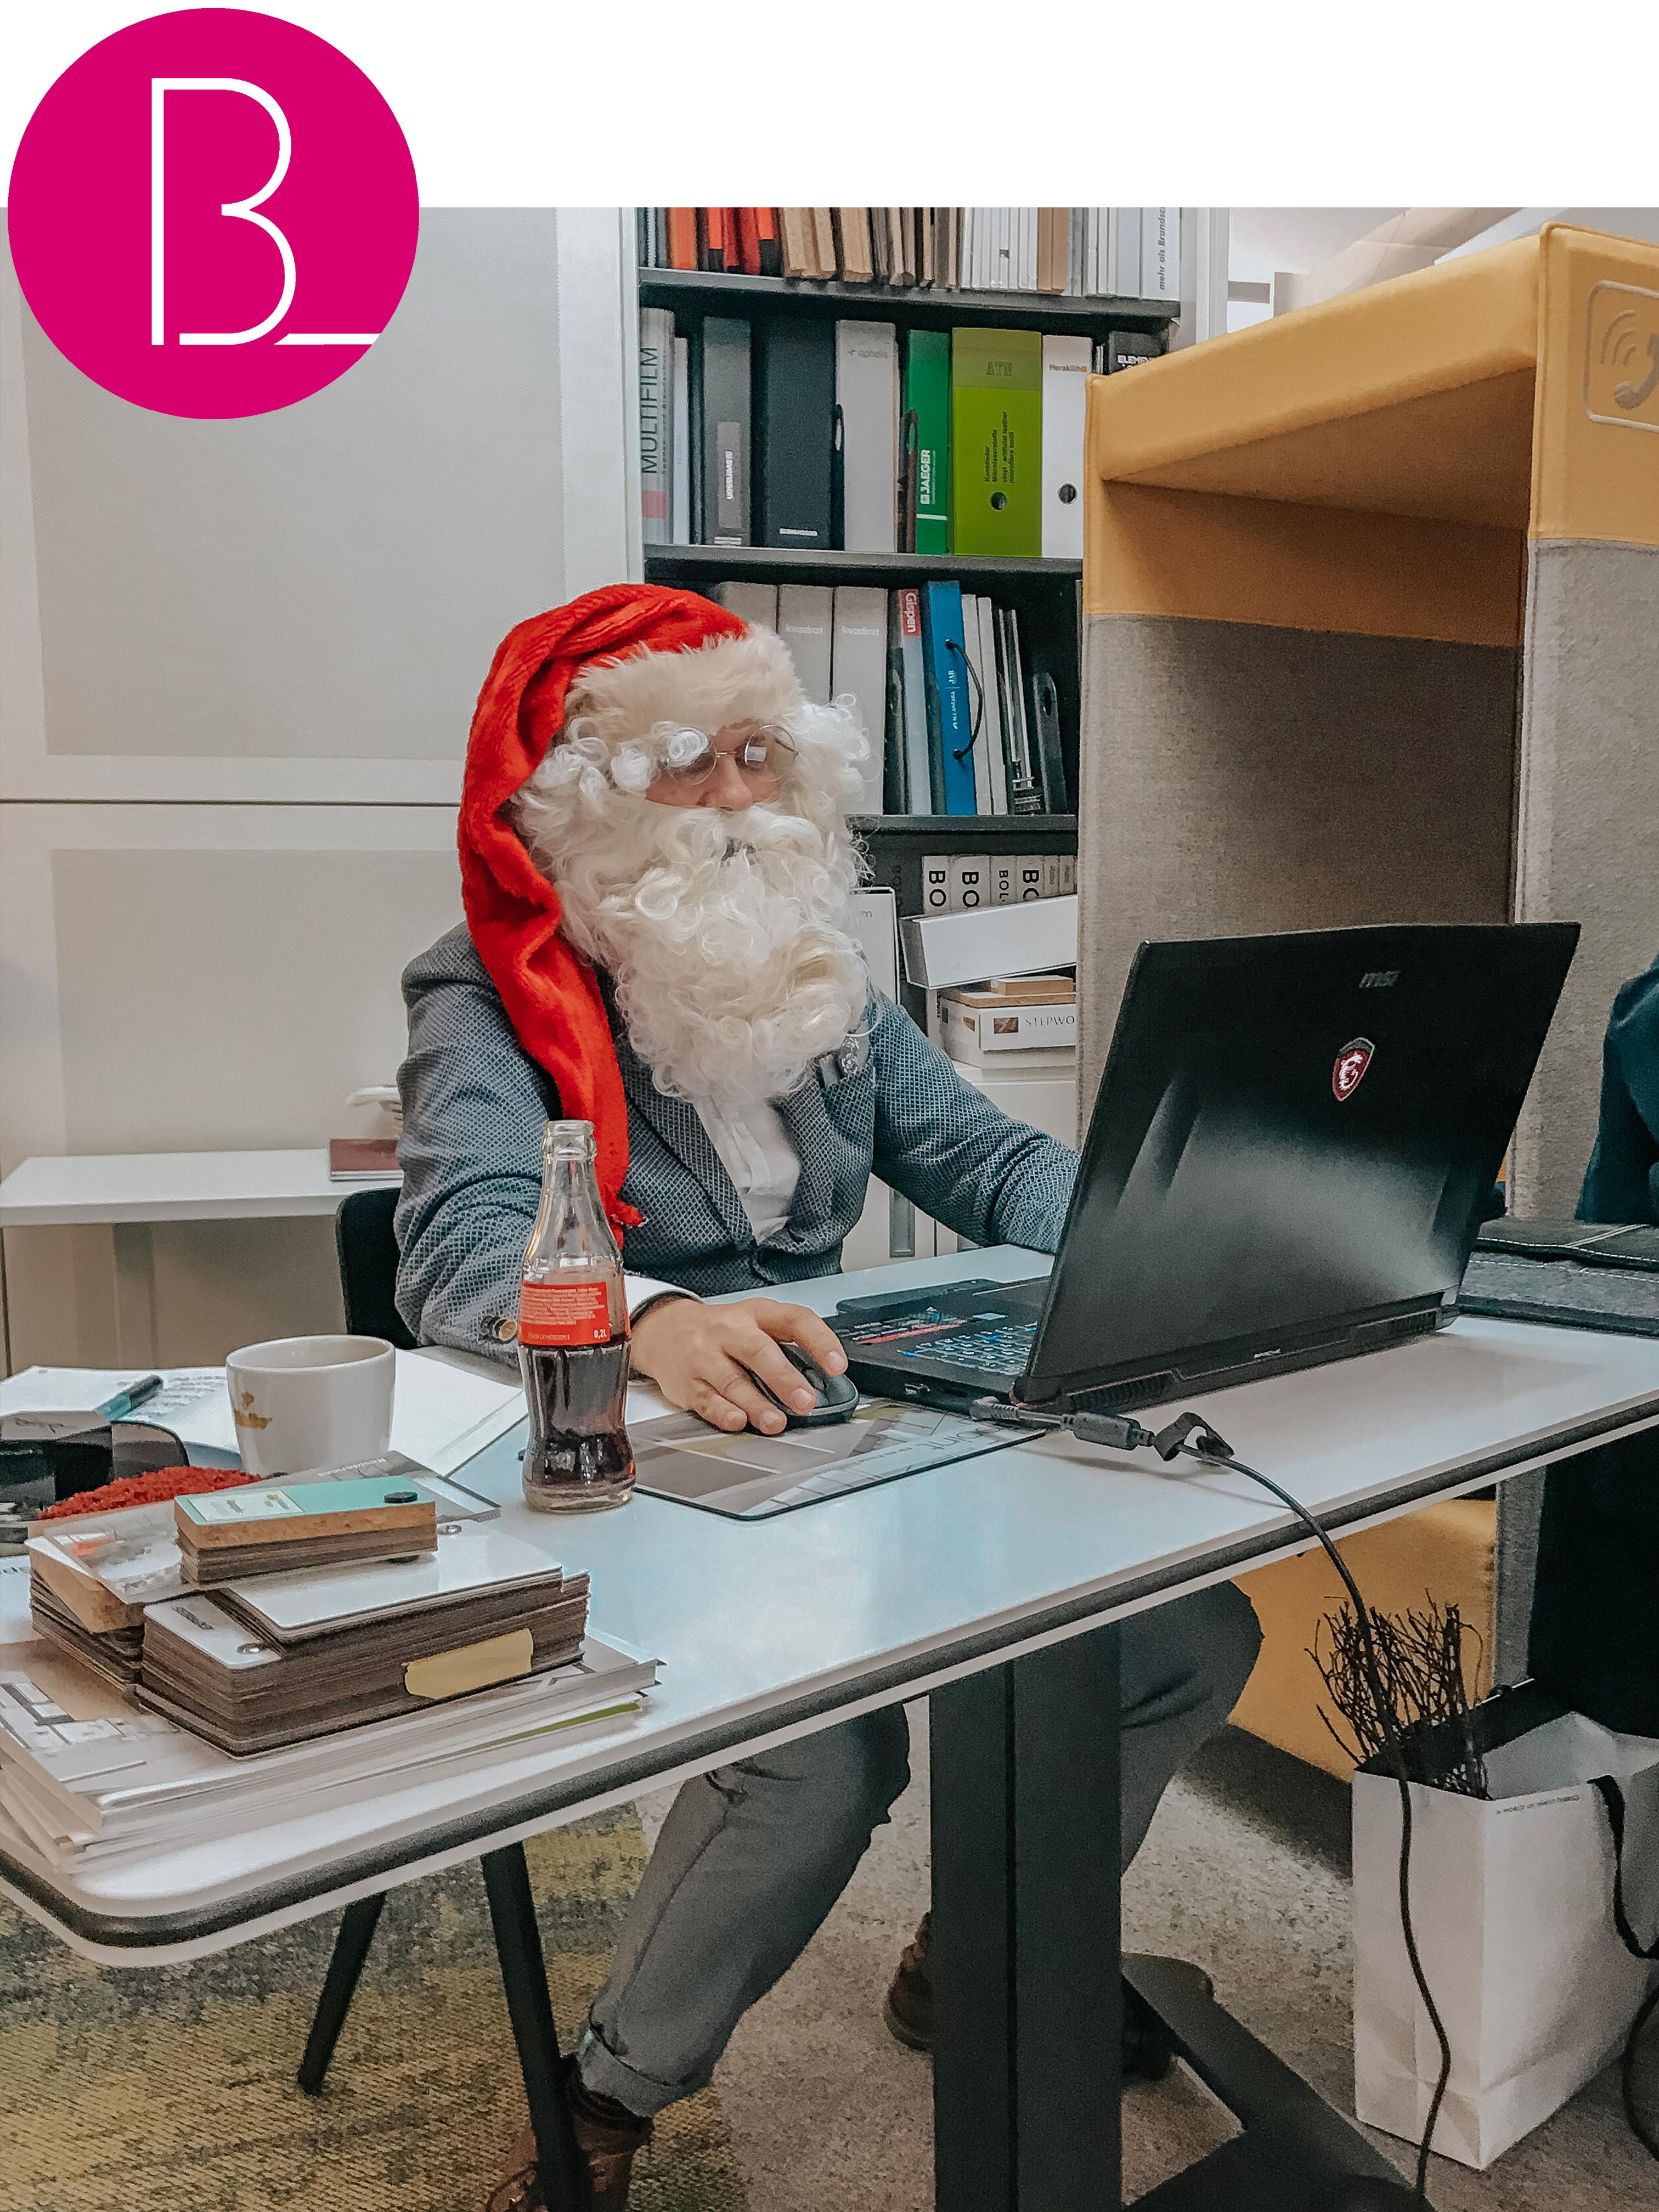 Büroland Kollege im Weihnachtsmann Kostüm sitzt am höhenverstellbaren Schreibtisch